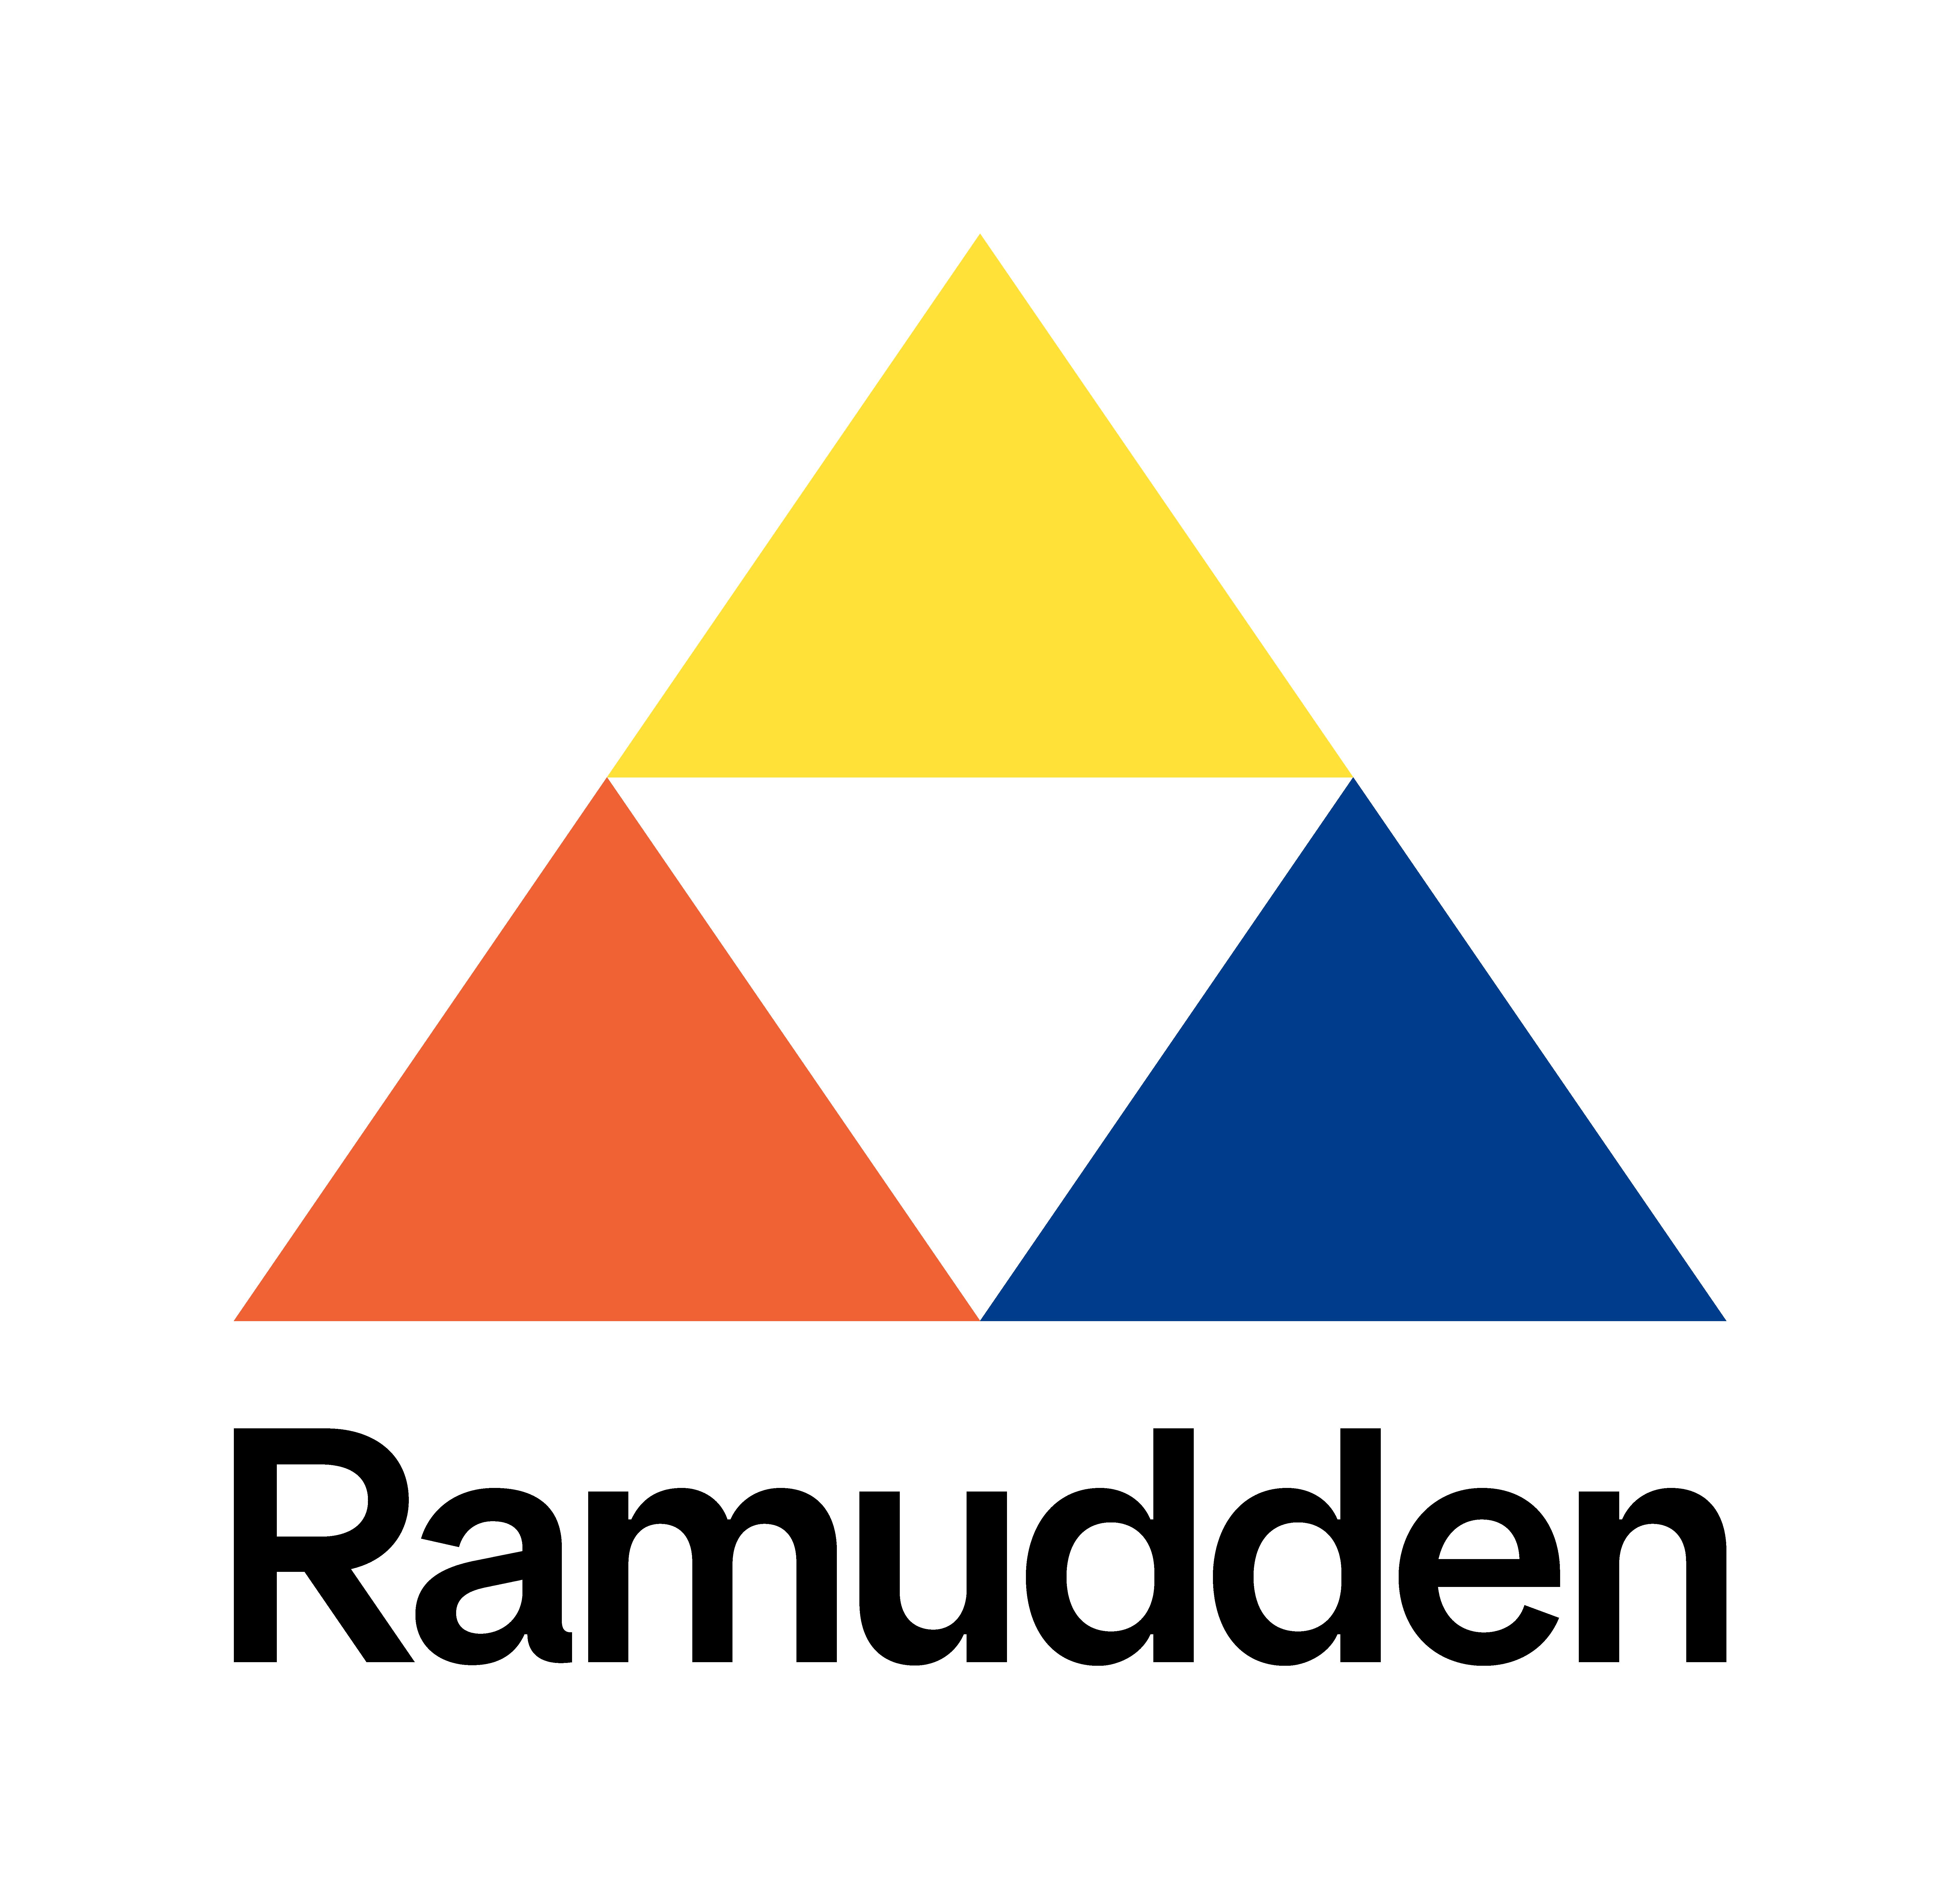 AVS-Vejsikring A/S